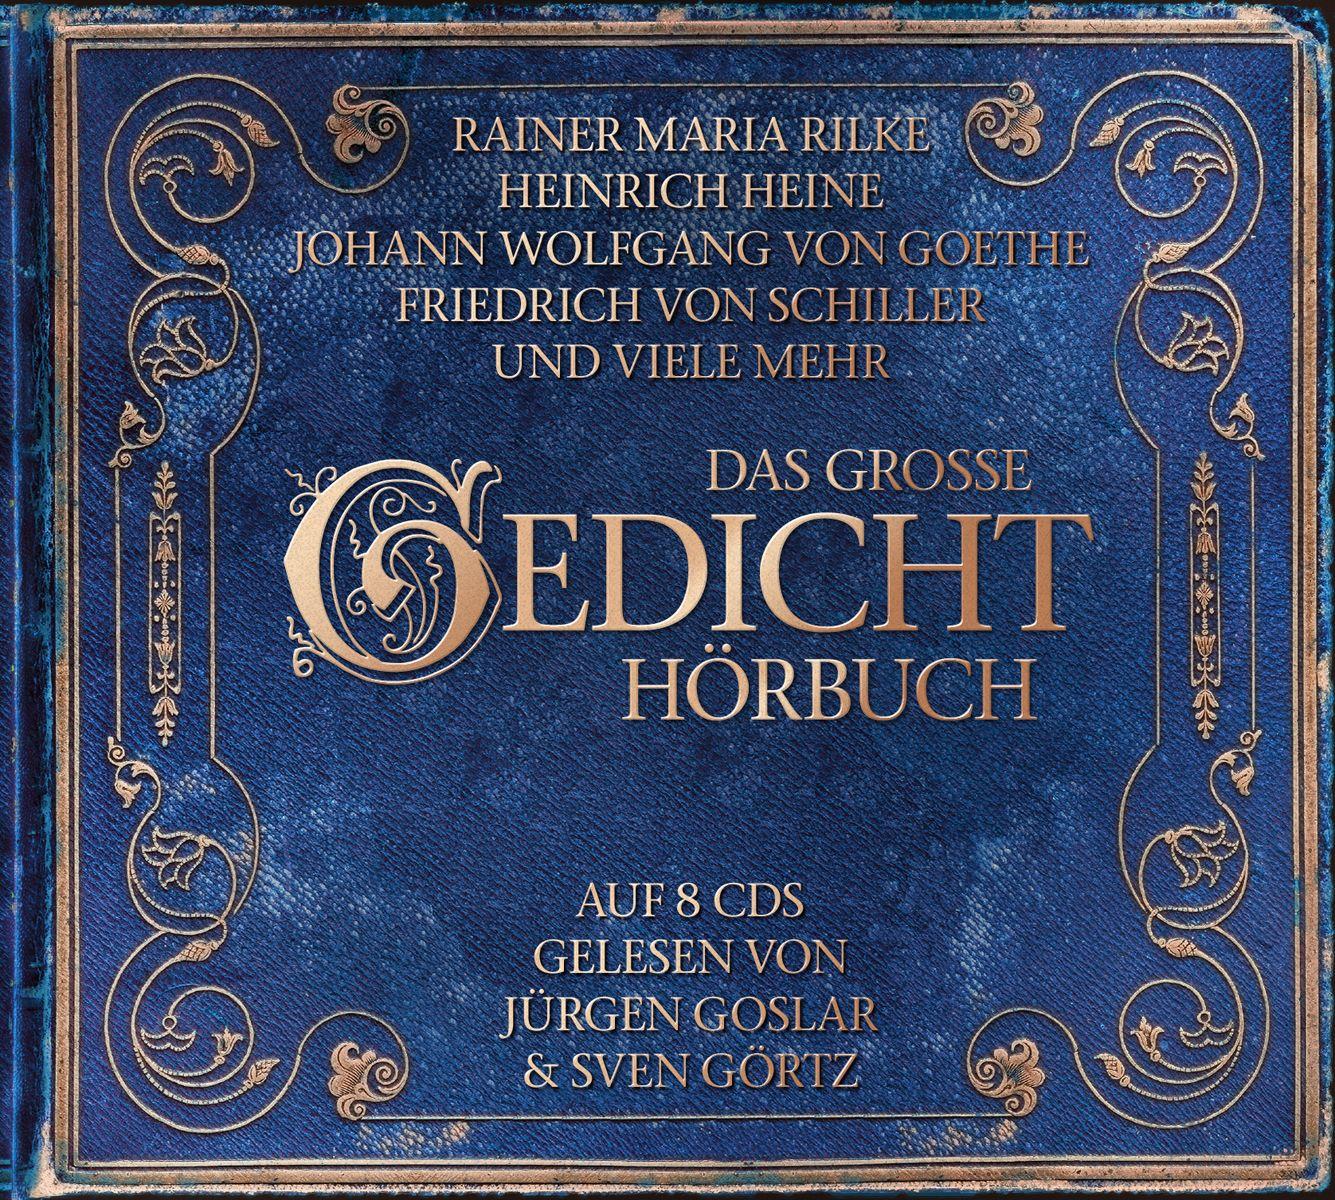 Das große Gedicht Hörbuch (ZYX) EAN: 0090204832972  Kaufen: http://www.hoerdeutsch.de/das-grosse-gedichthoerbuch.html